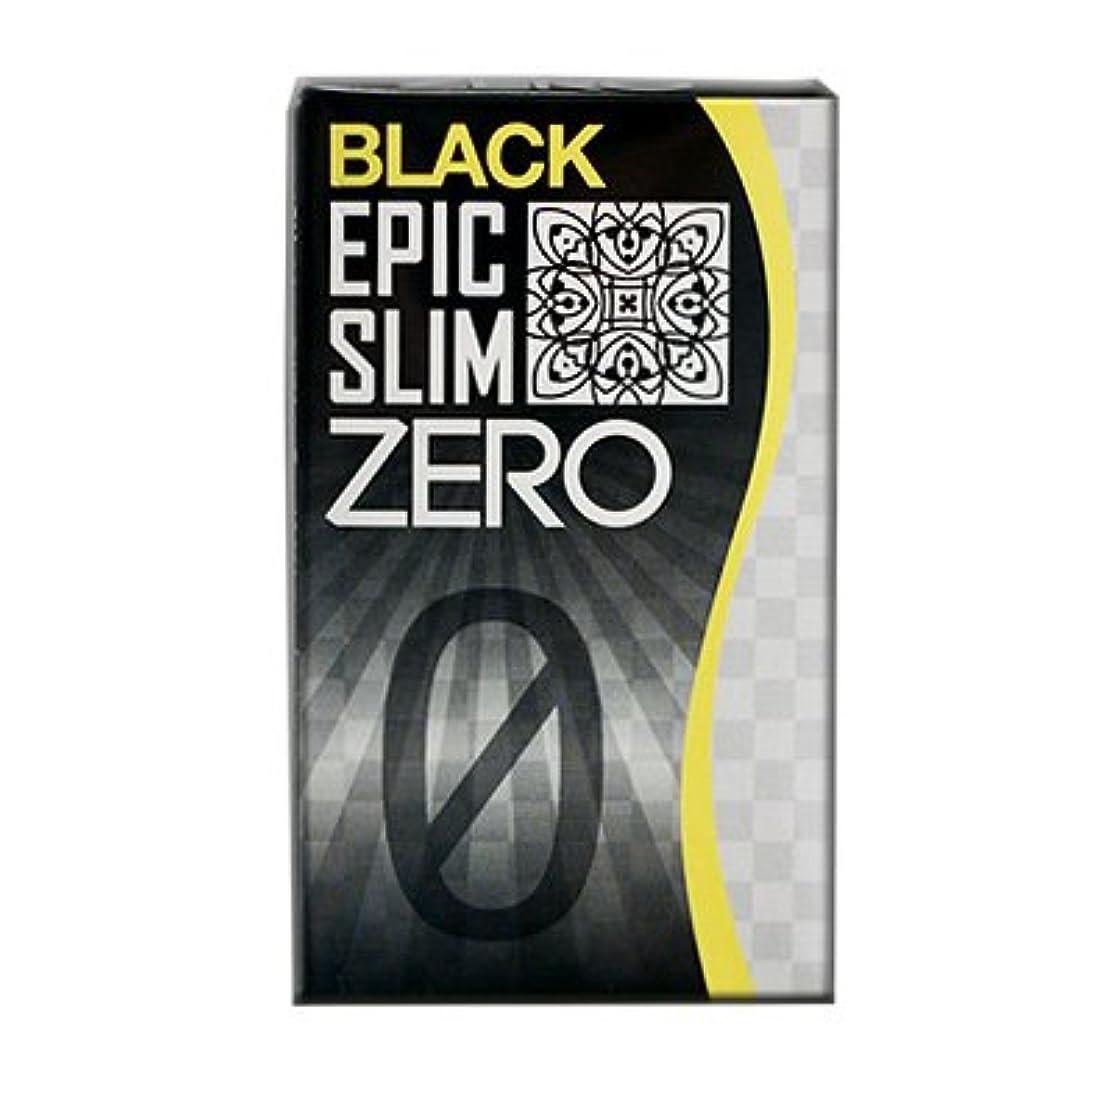 の前で適応するこねるブラック エピックスリム ゼロ ブラック Epic Slim ZERO BLACK